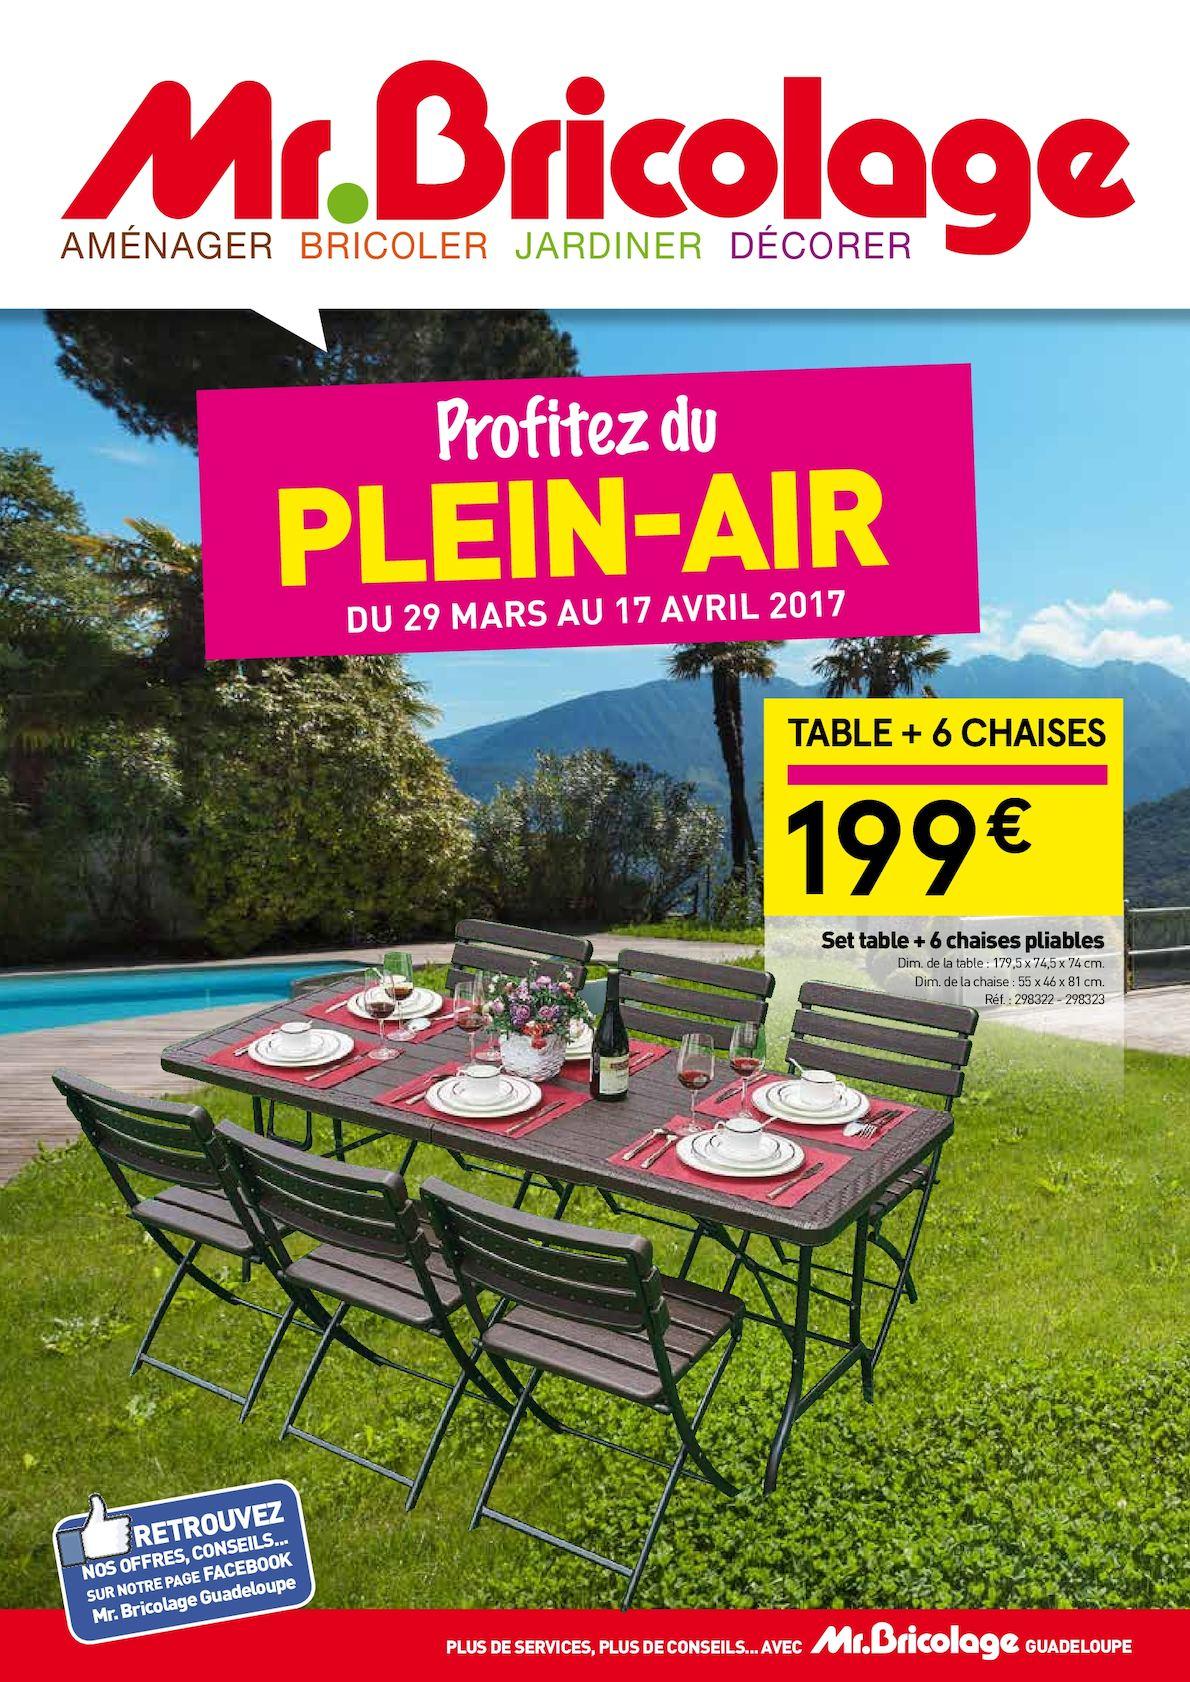 Calaméo - Cata Plein-Air Gpe pour Mr Bricolage Piscine